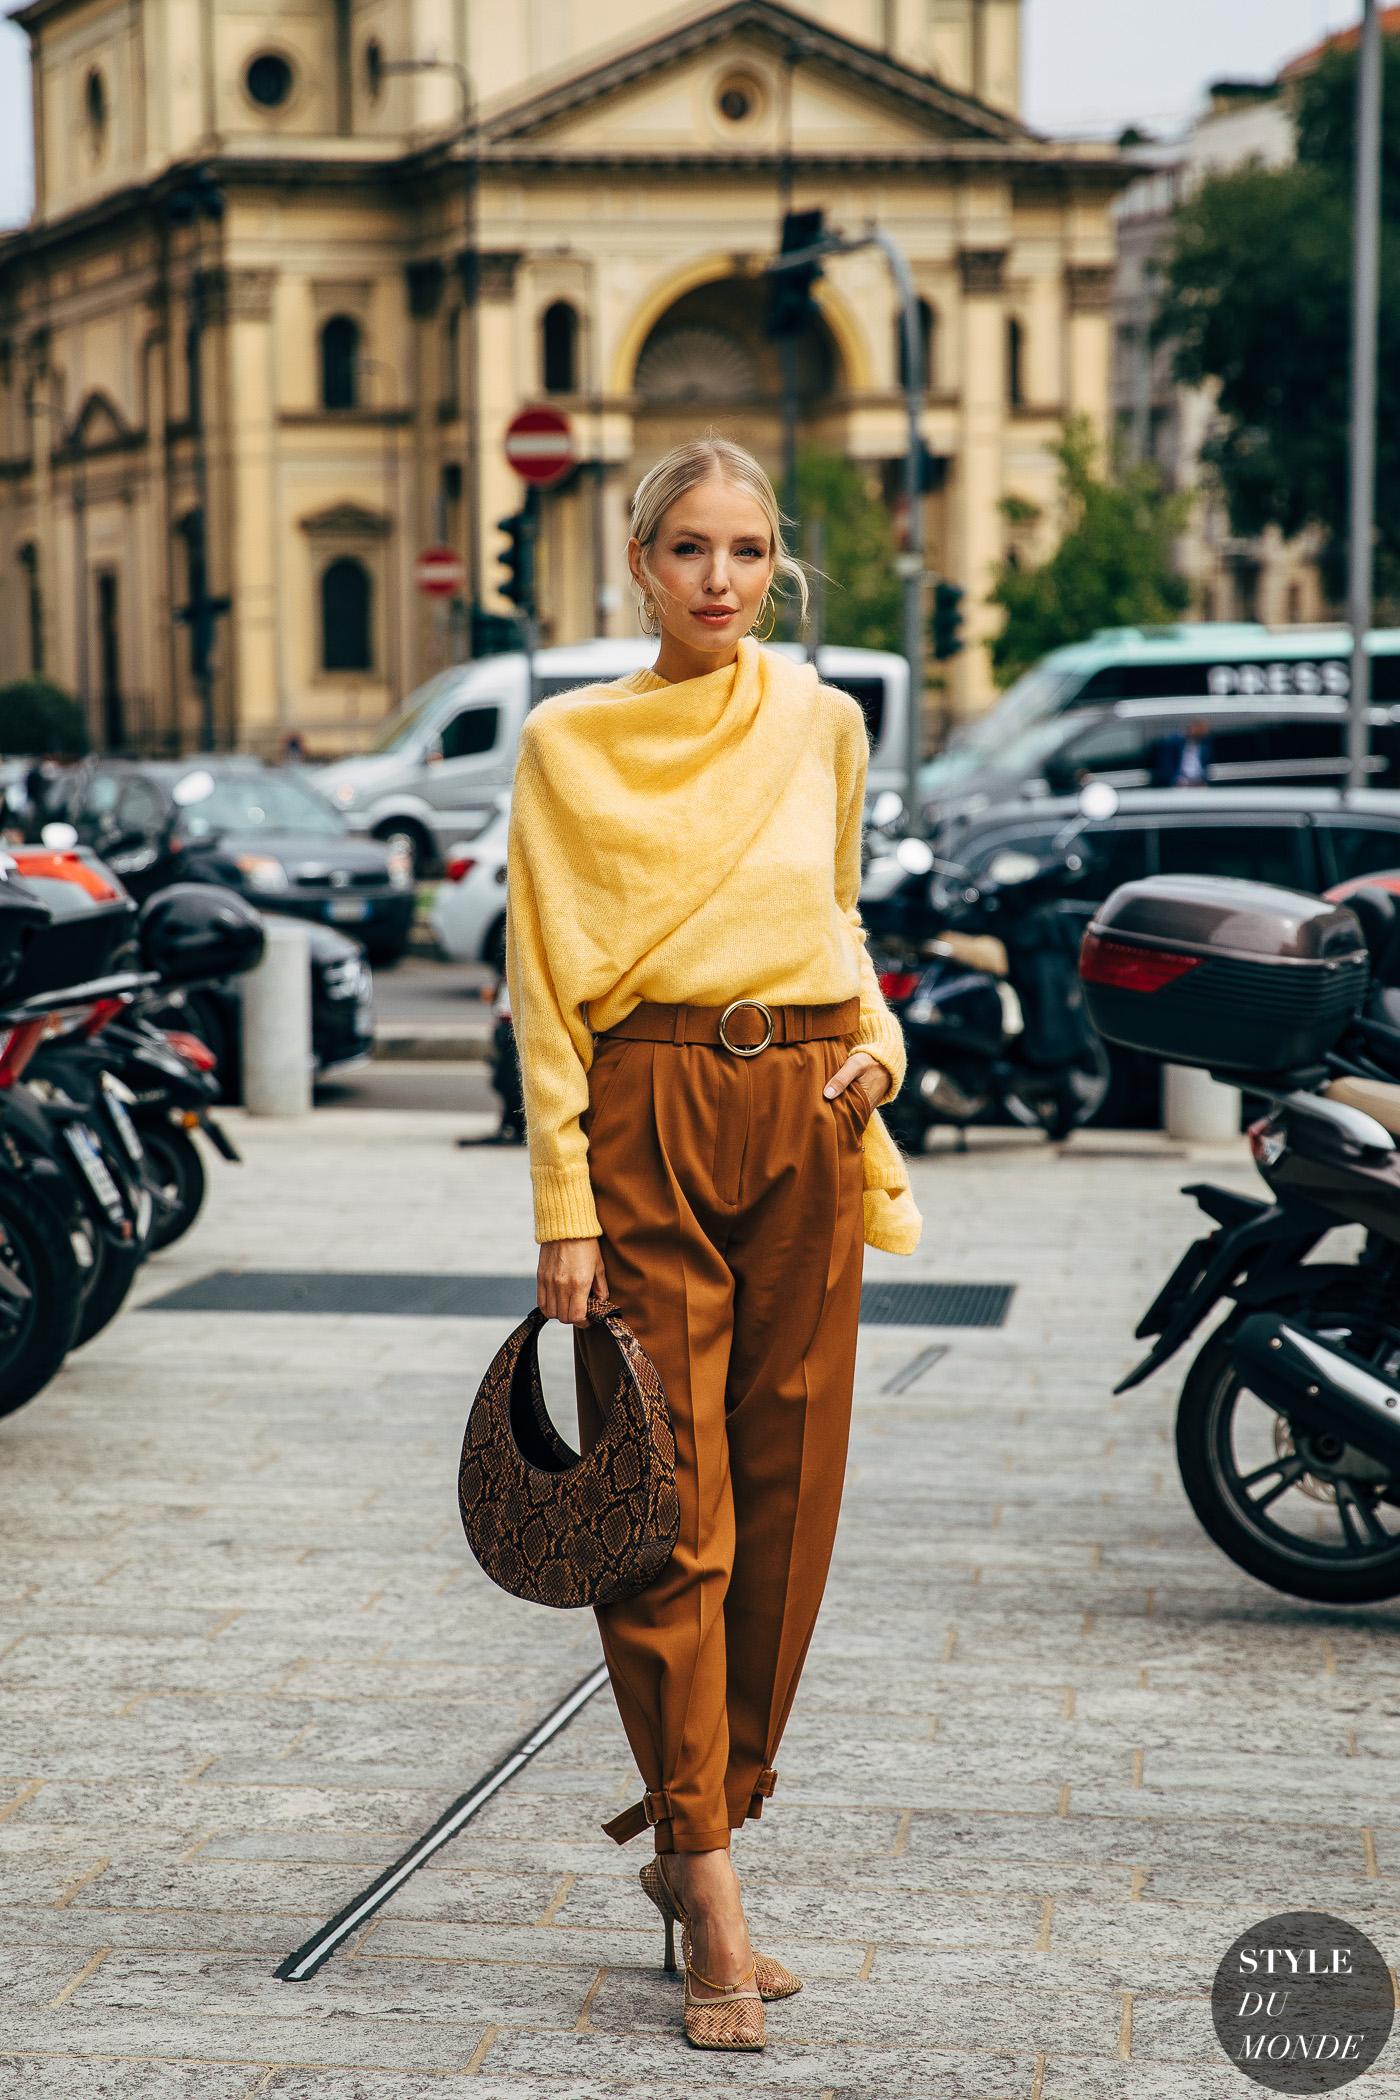 xu hướng thời trang hè 2021 cách phối màu vàng và nâu